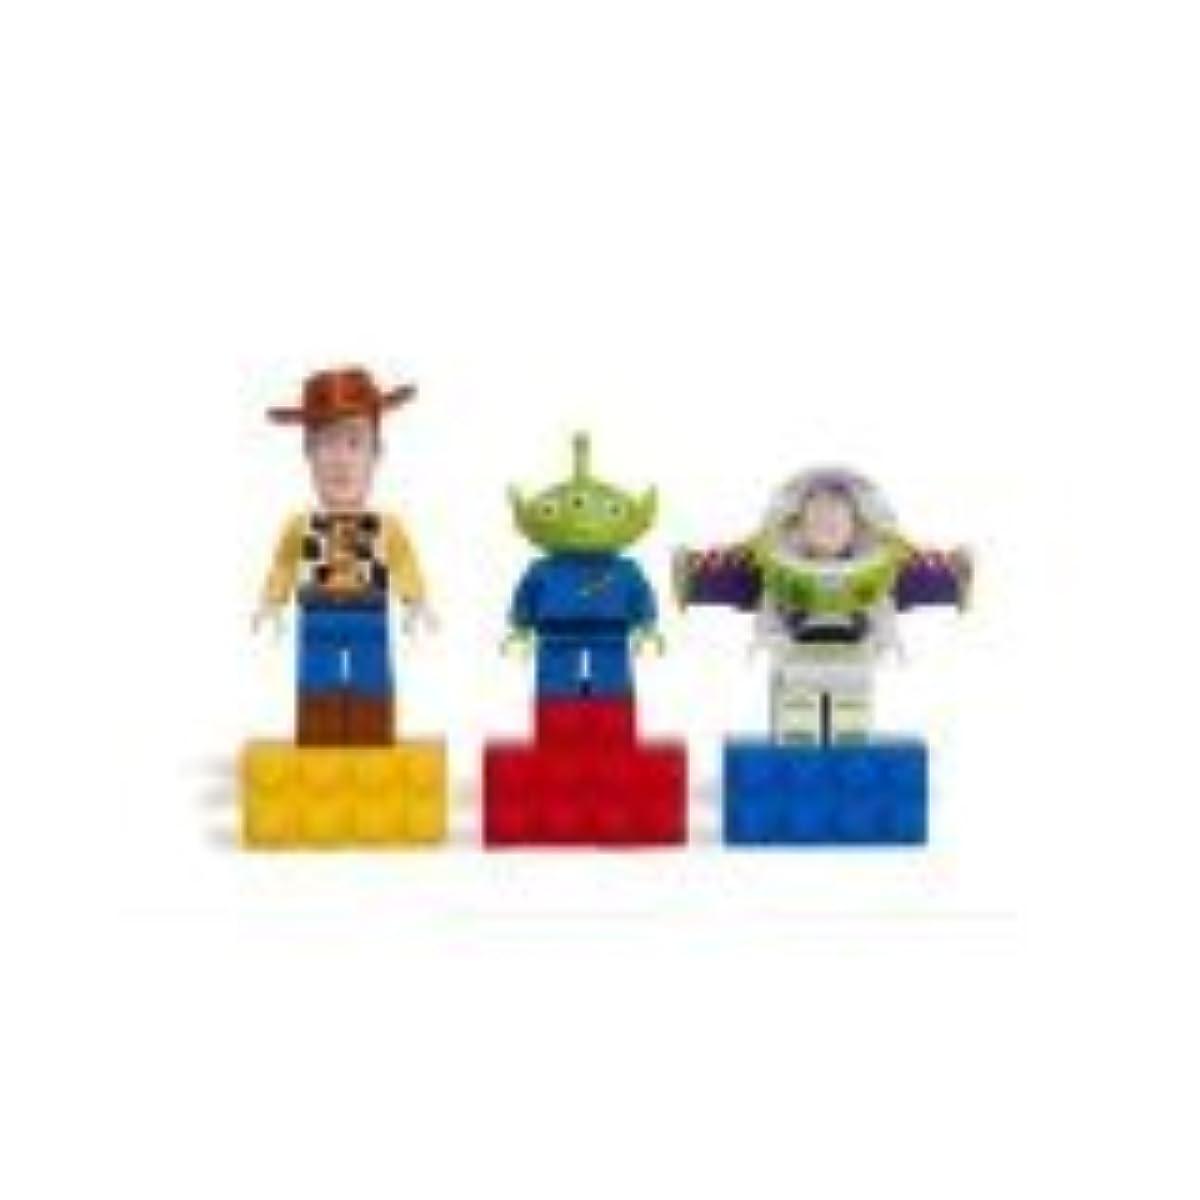 [해외] LEGO TOY STORY MAGNETS SET OF 3 - WOODY, ALIEN, BUZZ-852949